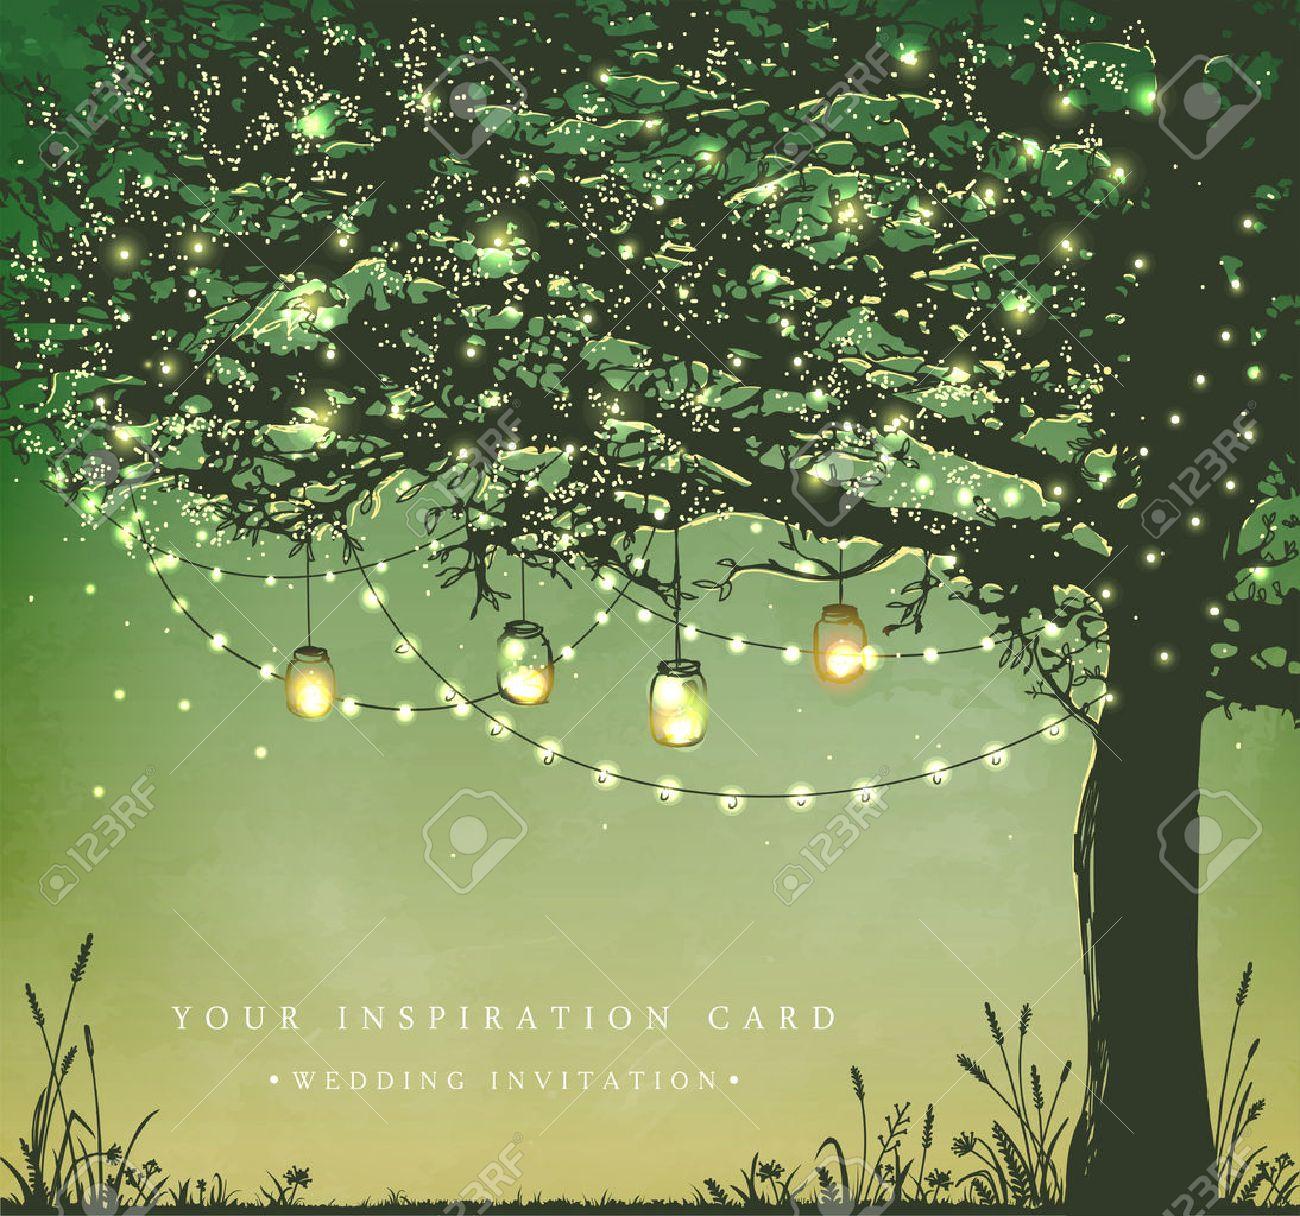 colgando las luces navideas de decoracin para una fiesta de patio trasero invitacin de la - Imagenes Navideas